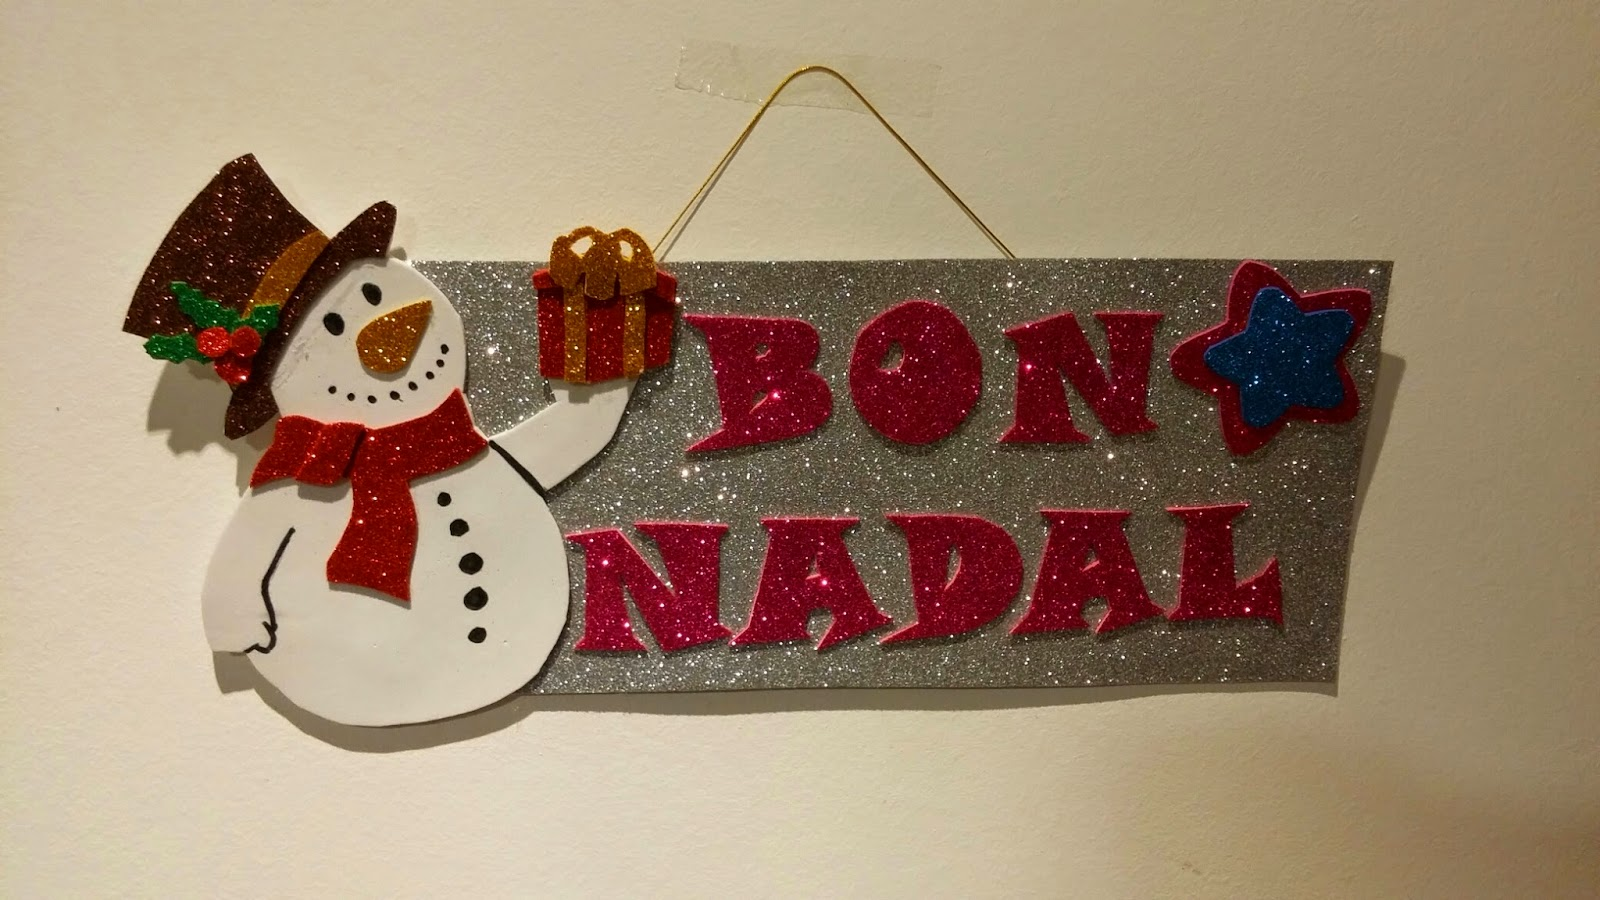 Rase una vez una aguja adornos navide os en goma eva for Buscar adornos de navidad